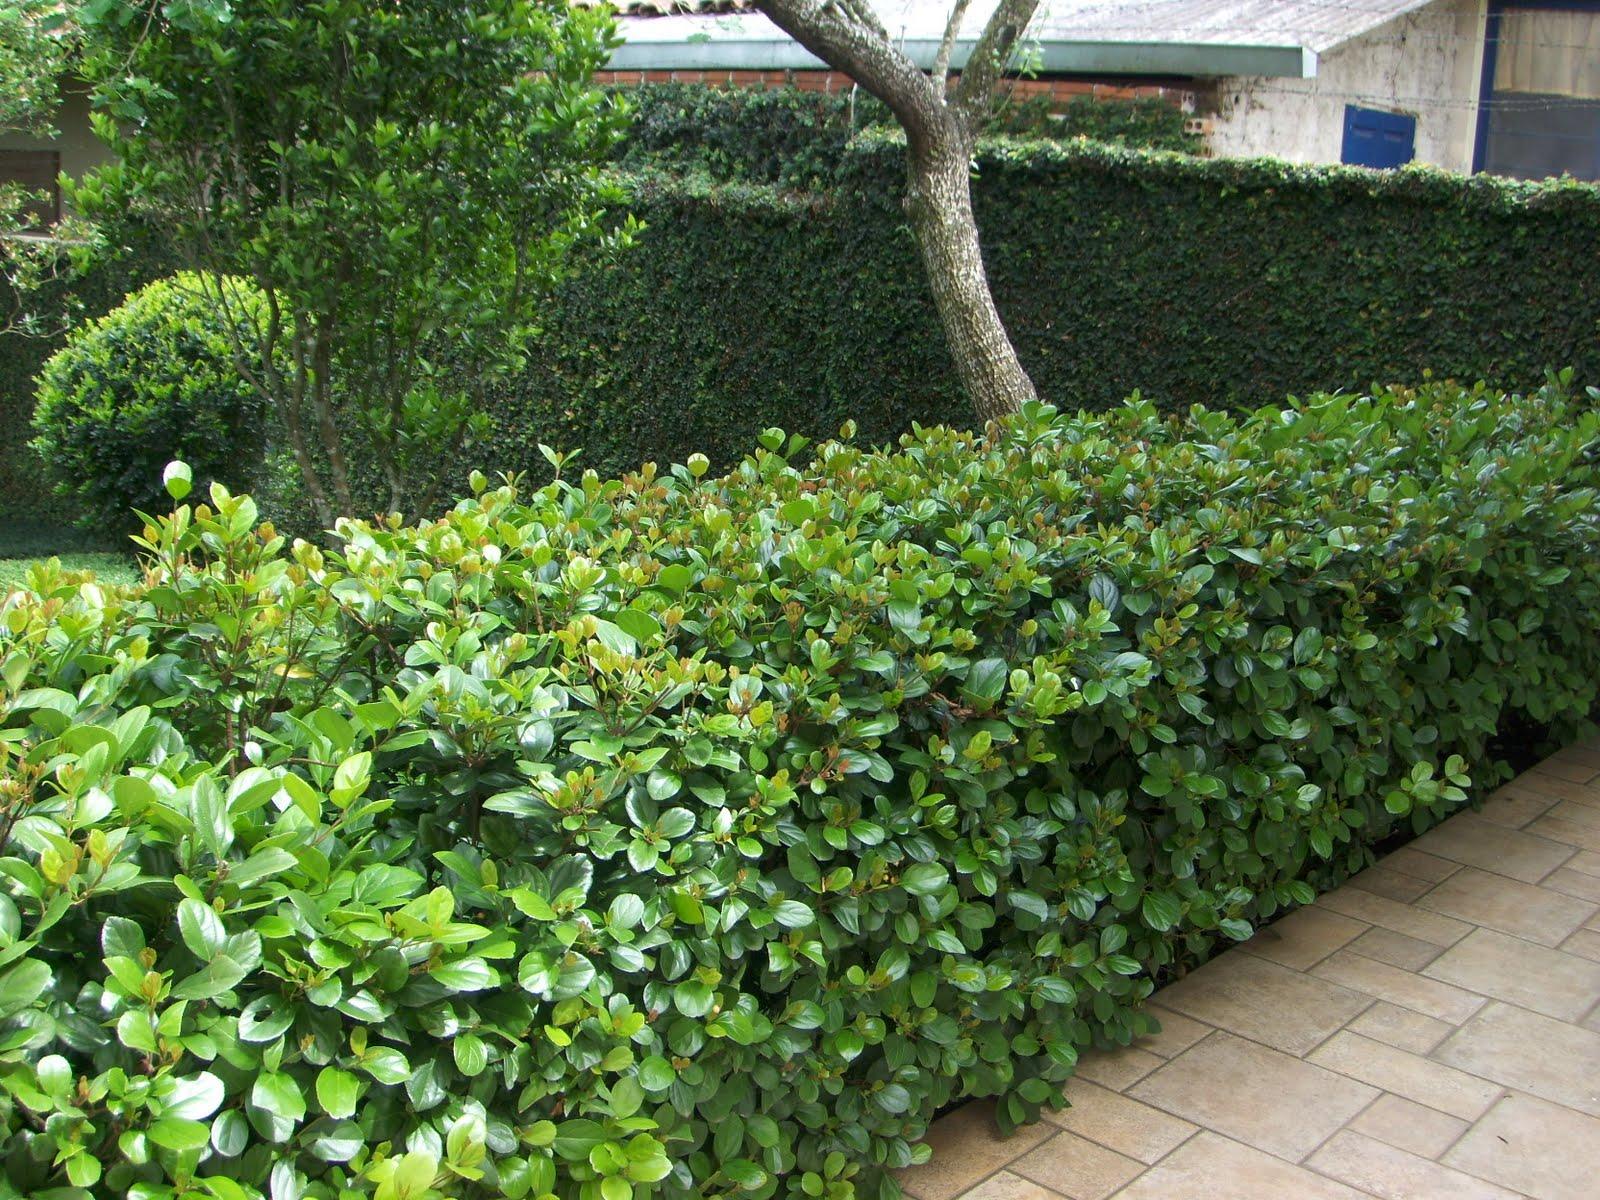 cerca viva para jardim fotos:cerca-viva é um recurso muito interessante para ser utilizado na